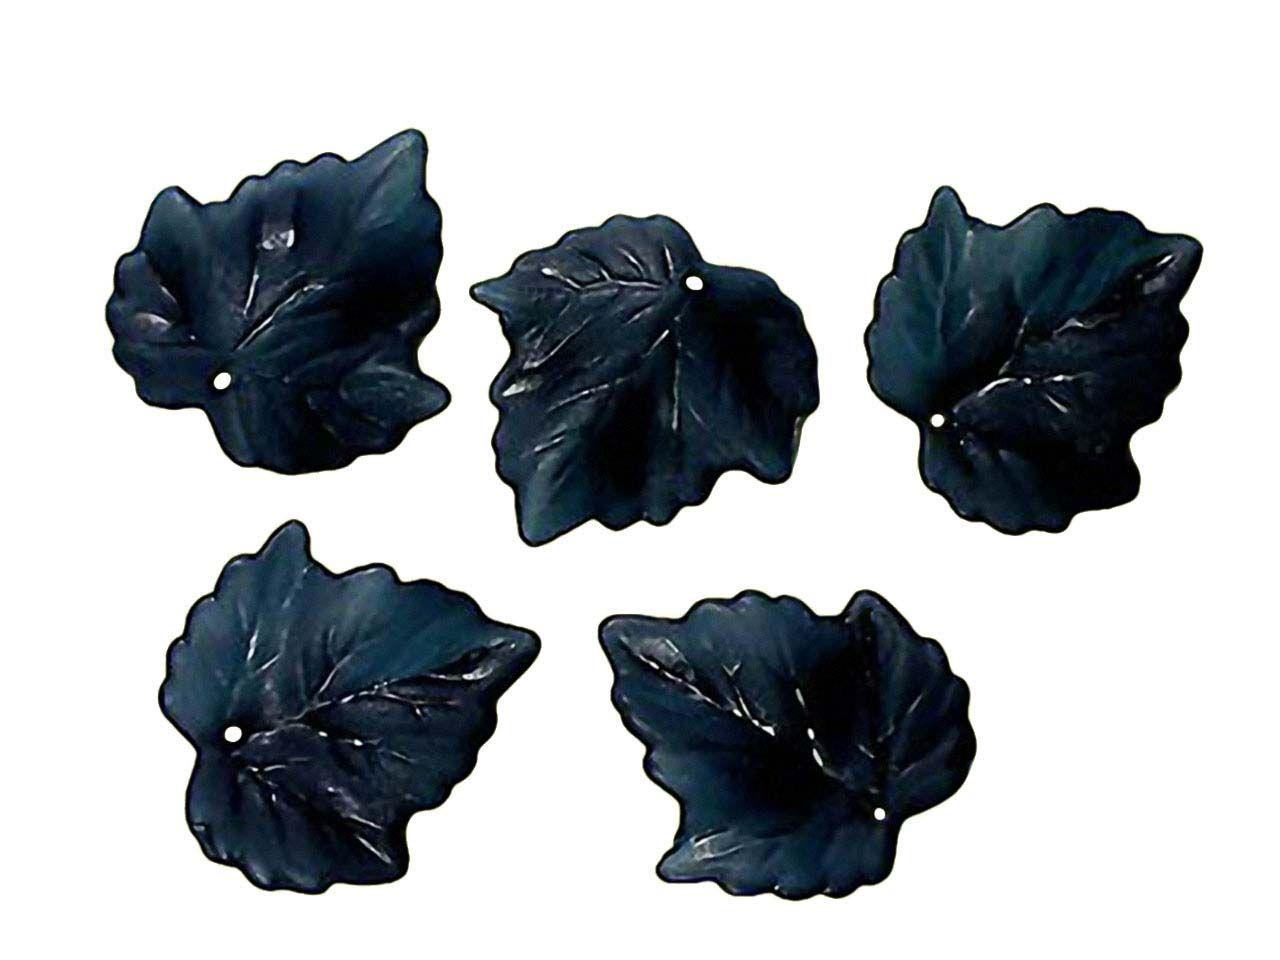 5 Stck. Lucite Blätter schwarz gefrostet, 25mm